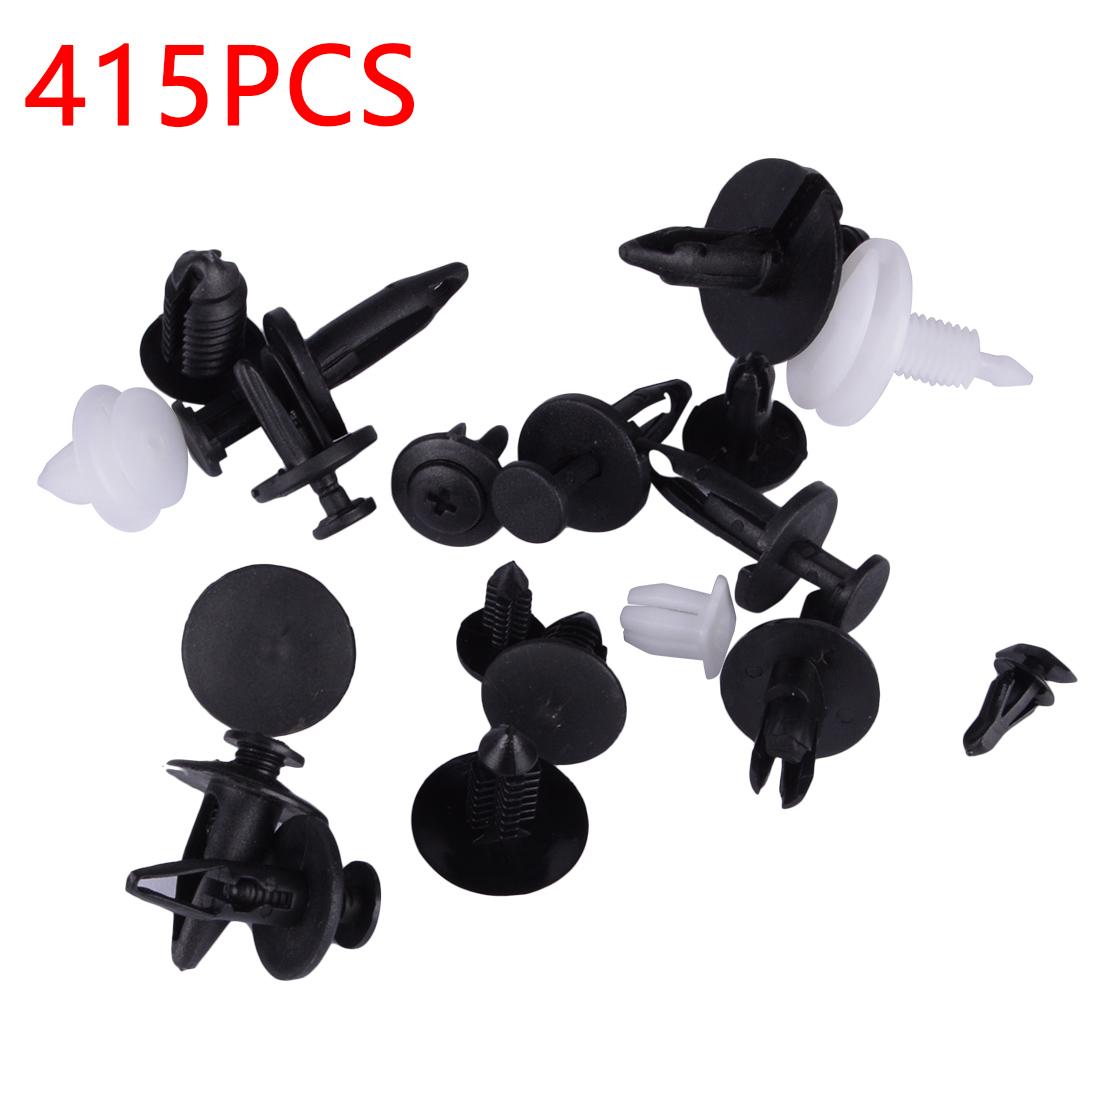 415Pcs/Set Auto Car Vehicle Body Plastic Push Pin Rivet Fasteners Trim Clip